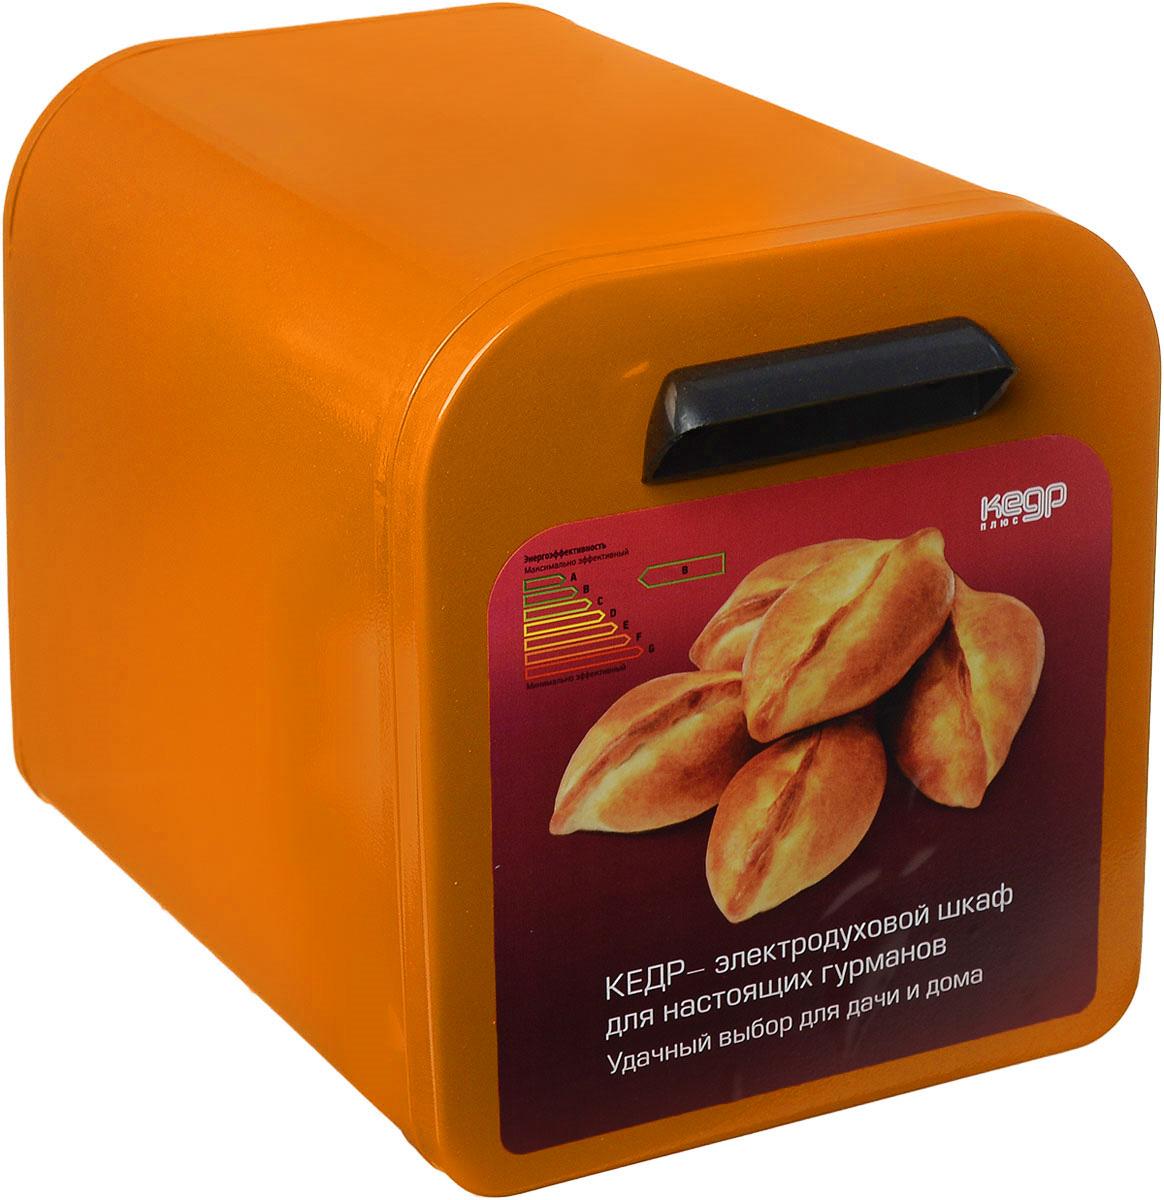 Кедр ЖШ-0,625/220, Orange жарочный шкафШЖ-0,625/220 OЖарочный шкаф Кедр предназначен для выпечки в домашних условиях различных изделий из теста, а также для запекания картофеля и приготовления блюд из мяса, птицы, рыбы. Такжев нем можно сушить ягоды, грибы и фрукты. Идеален для использования дома, на даче или в гараже.Этот жарочный шкаф отличается низким энергопотреблением - всего 0,625 кВт, что обеспечивает значительную экономию электроэнергии по сравнению с микроволновой печью и бесперебойную работу в условиях нестабильного электроснабжения в сельскойместности, имеет большой срок службы - до 20-ти лет. Но, пожалуй, главная его особенность и уникальность заключается в том, что он создает эффект русской печи. Так происходит, потому что тепло по всему периметру жарочного шкафа распределяется равномерно и как бы окутывает блюдо со всех сторон. В процессе приготовления еды не задействованы микроволны, о вреде которых идет так много споров. А, значит, жарочный шкаф Кедр составит хорошую альтернативу микроволновке.Основные преимущества:Высокие вкусовые качества приготовленных блюдУвеличенный срок службы (до 20 лет)Гарантийный срок - 24 месяцаНизкое энергопотреблениеОтсутствие микроволнЛегкость и простота эксплуатацииВремя разогрева до температуры 250°С - не более 20 минутВнутренние размеры: 315 x 205 x 205 мм